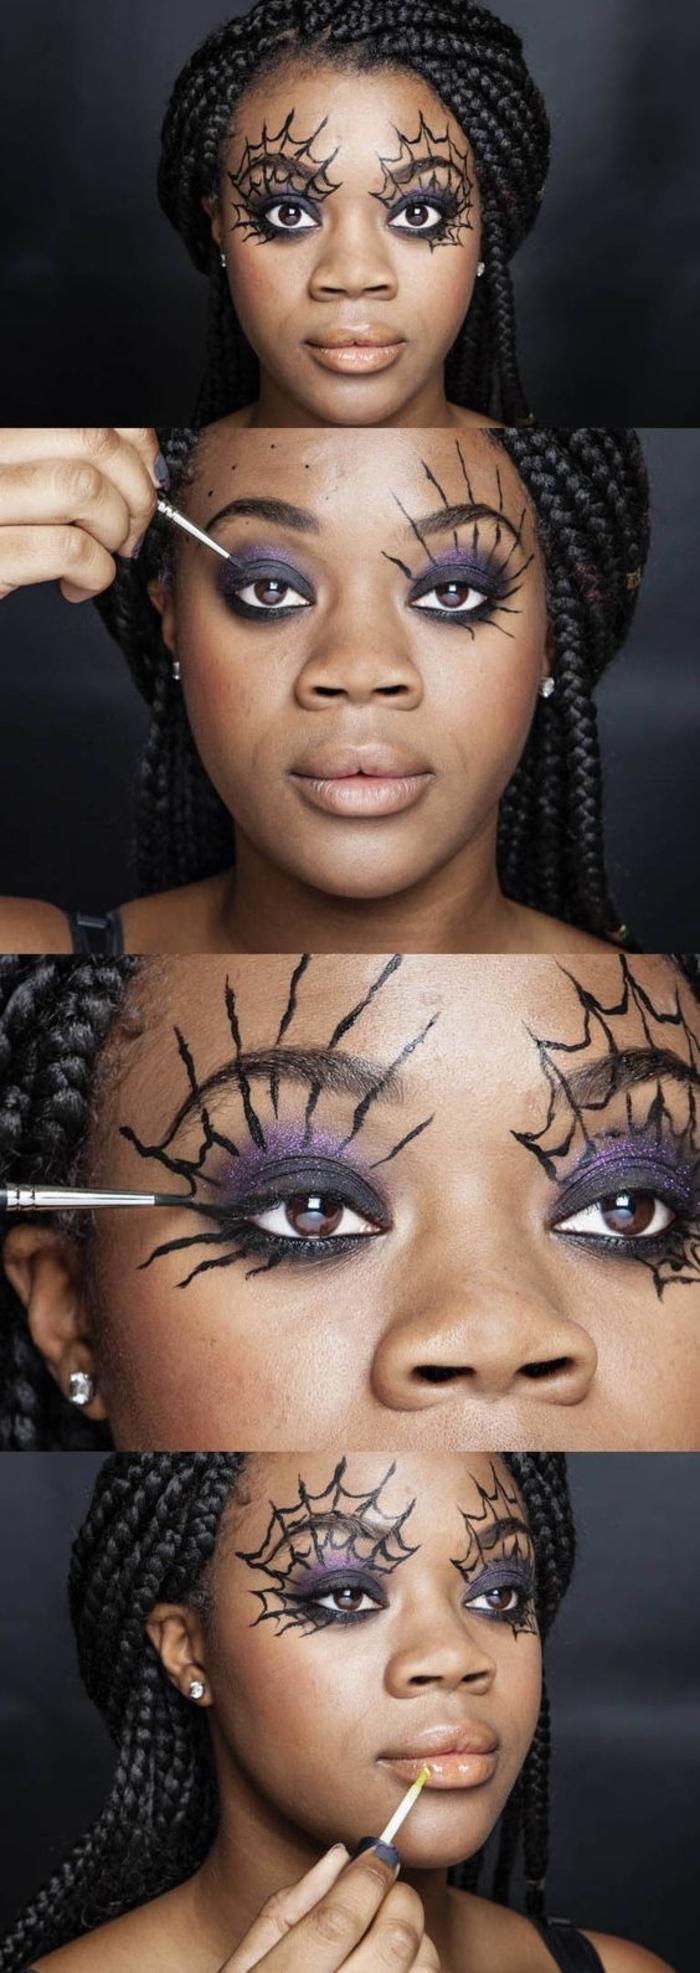 un maquillage halloween femme accentuant sur les yeux, comment réaliser un maquillage yeux toiles d'araignée